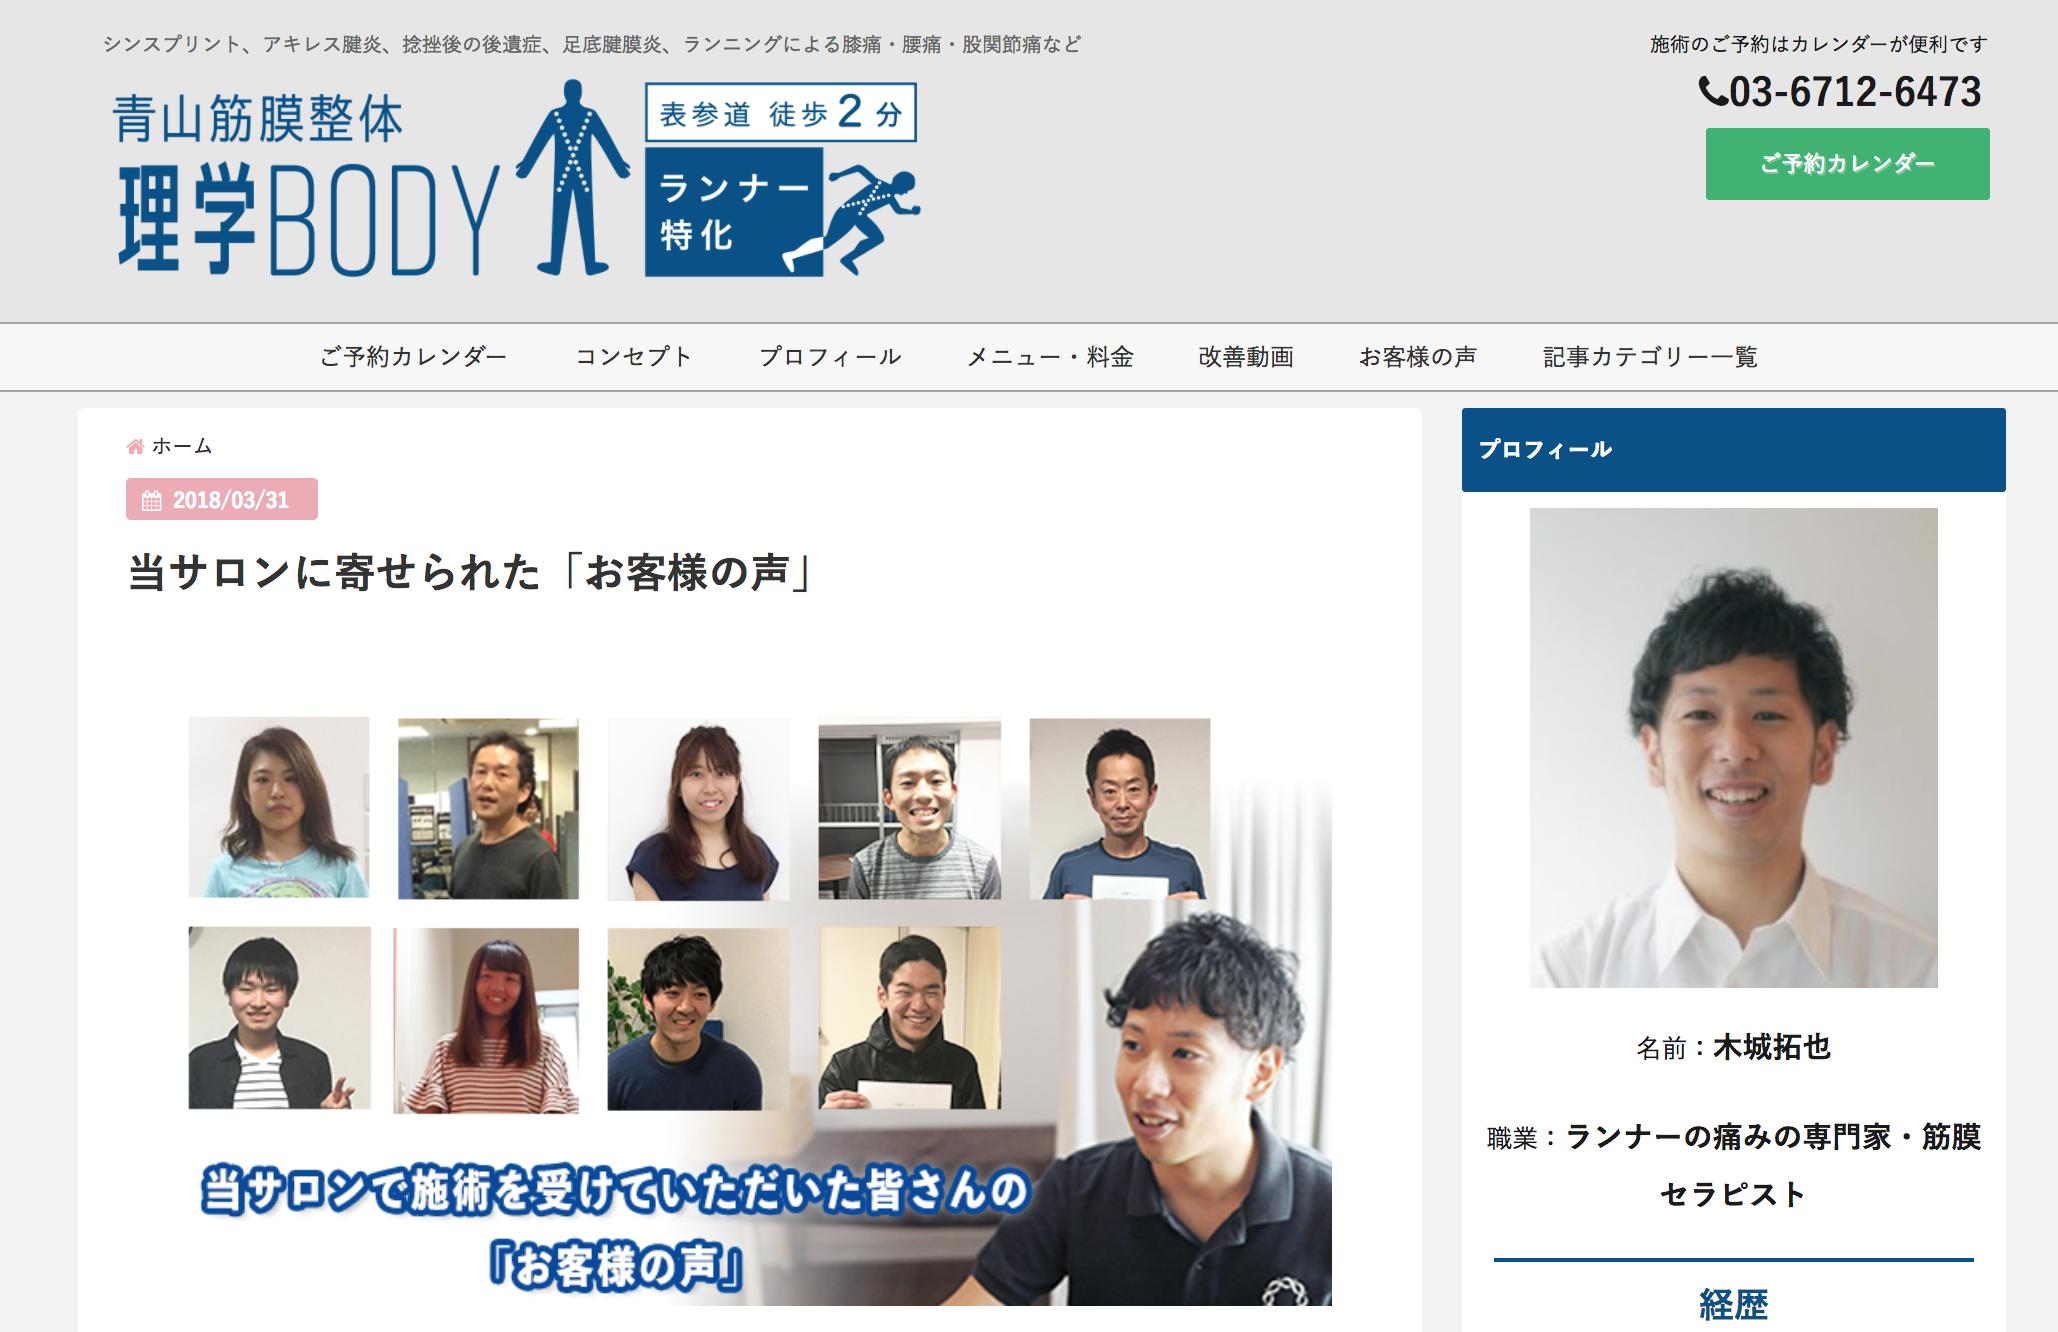 理学Body2